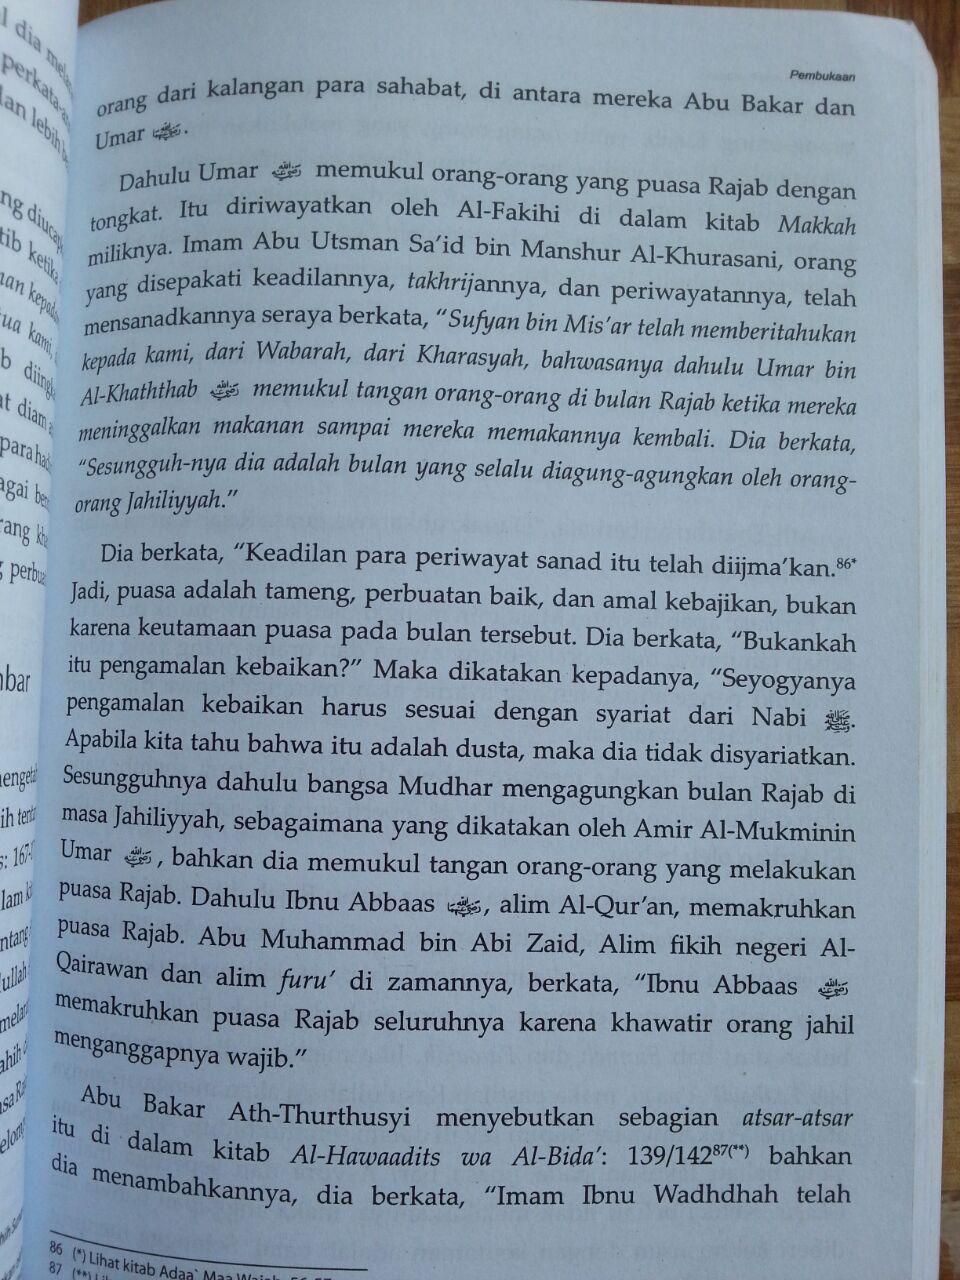 Buku Bidah-bidah dalam Masjid isi 3